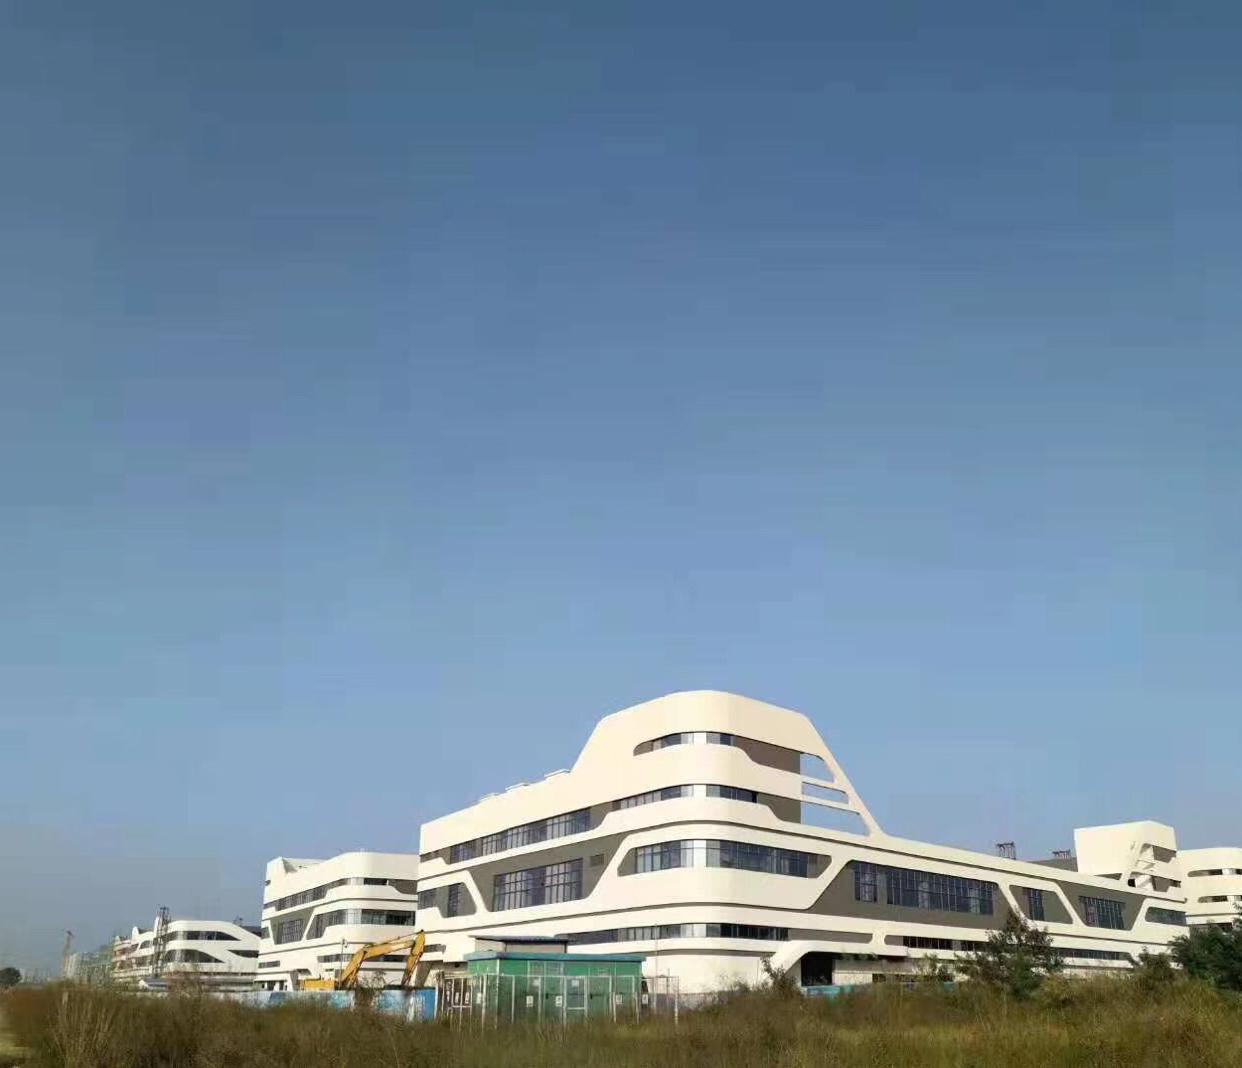 武汉葛店电商大道物流园,位于鄂州葛店电商大道距武鄂高速3